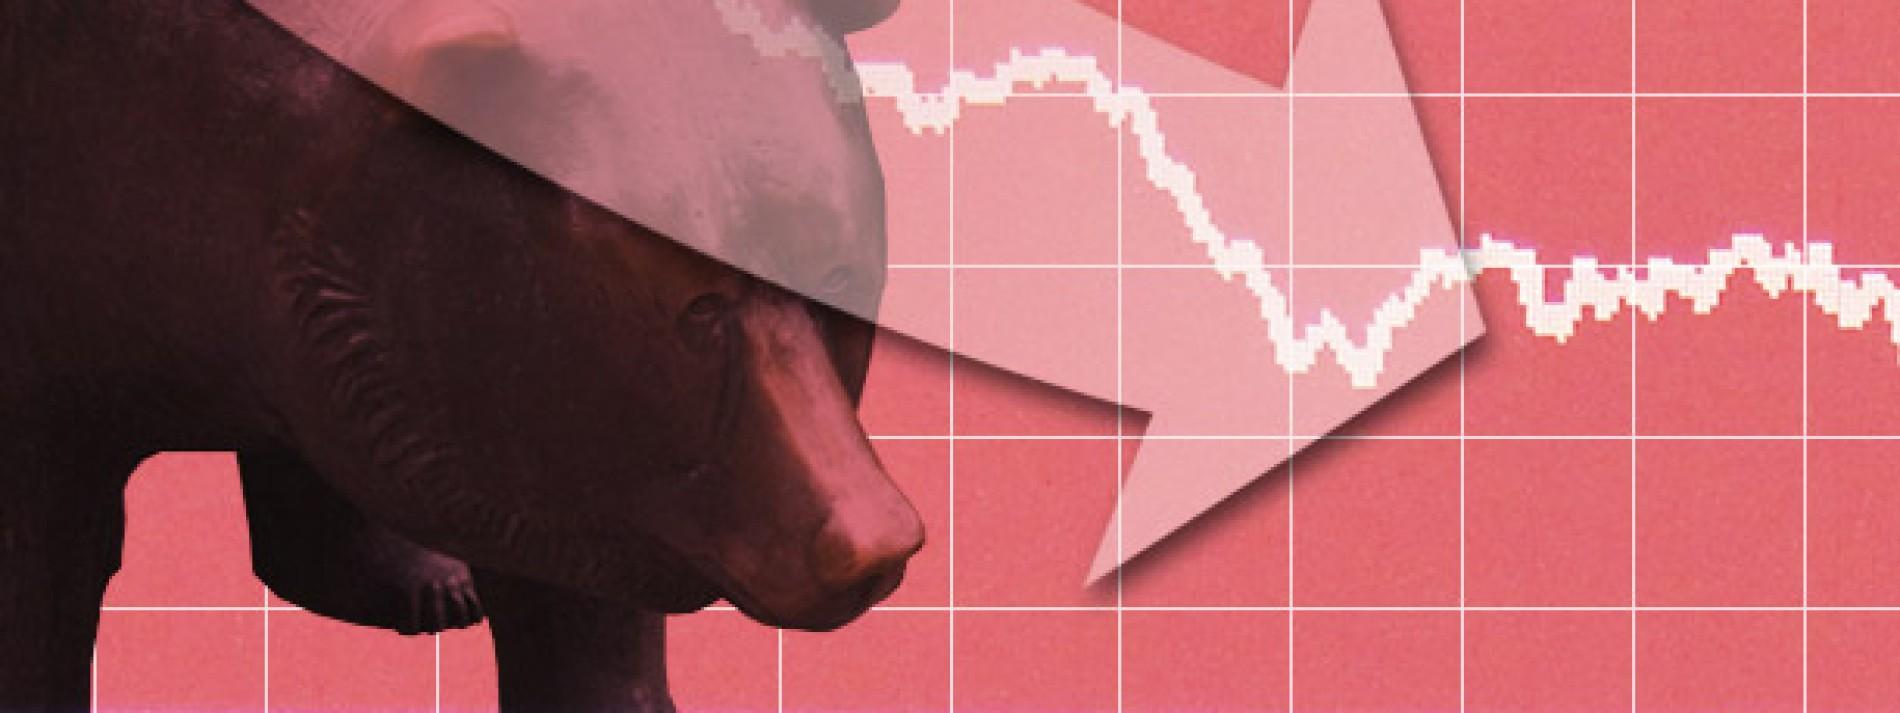 Börsen pendeln weiter zwischen Gewinnen und Verlusten